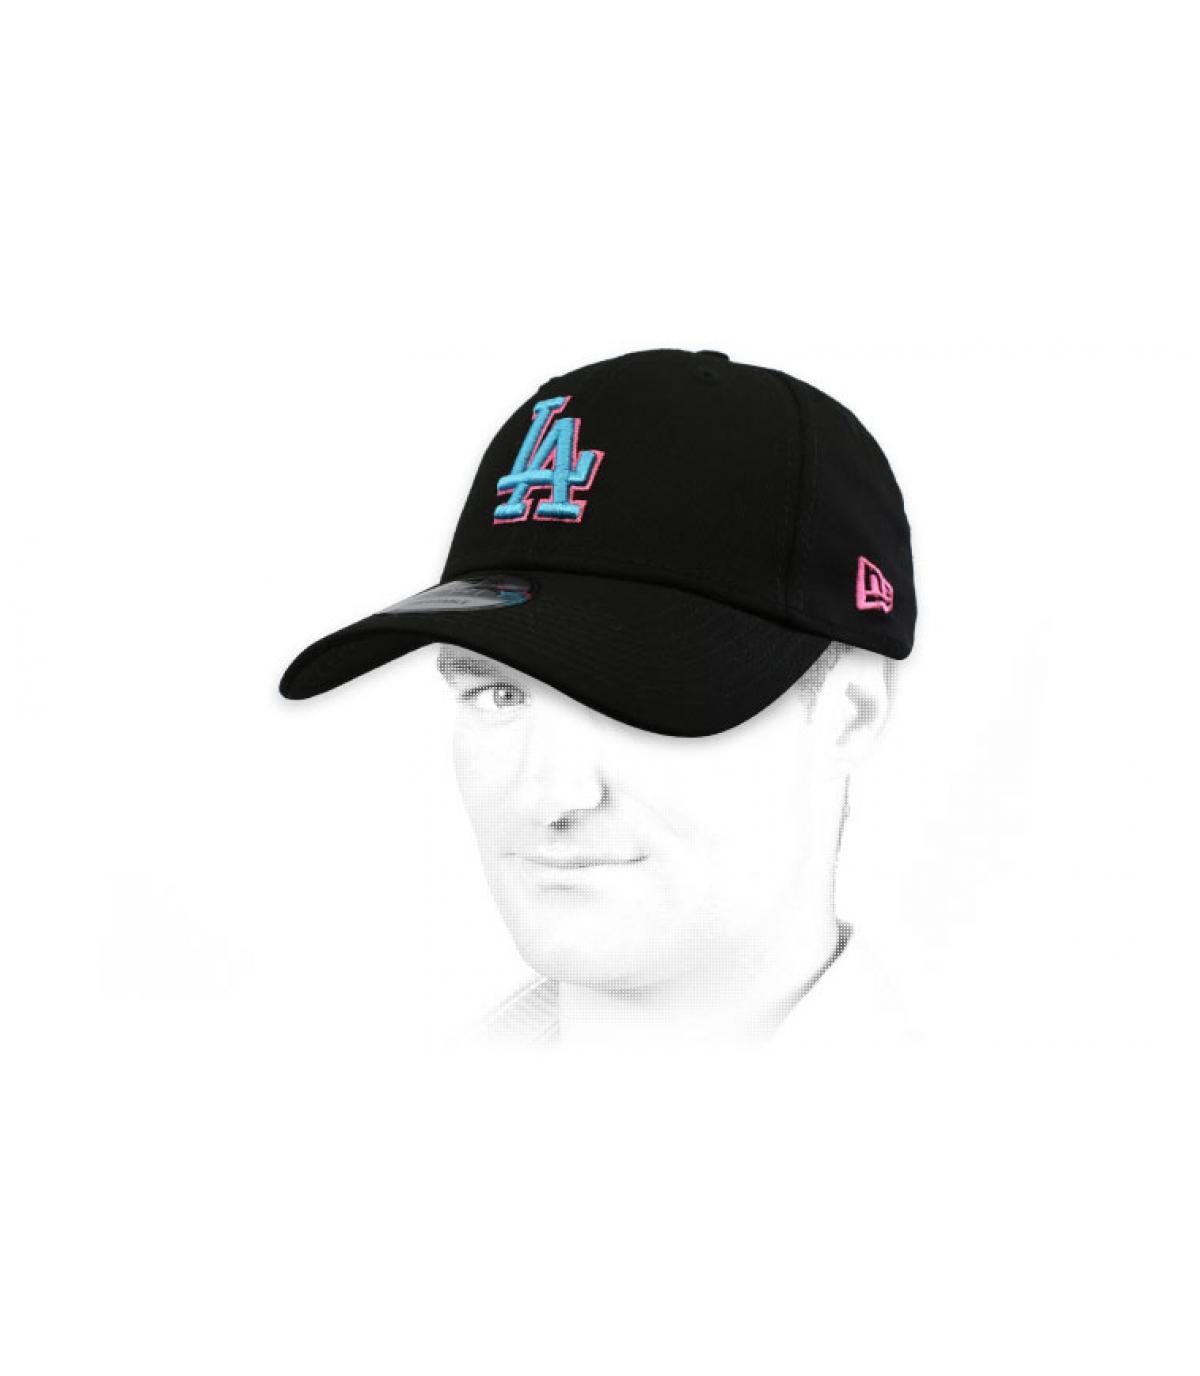 casquette LA noir bleu